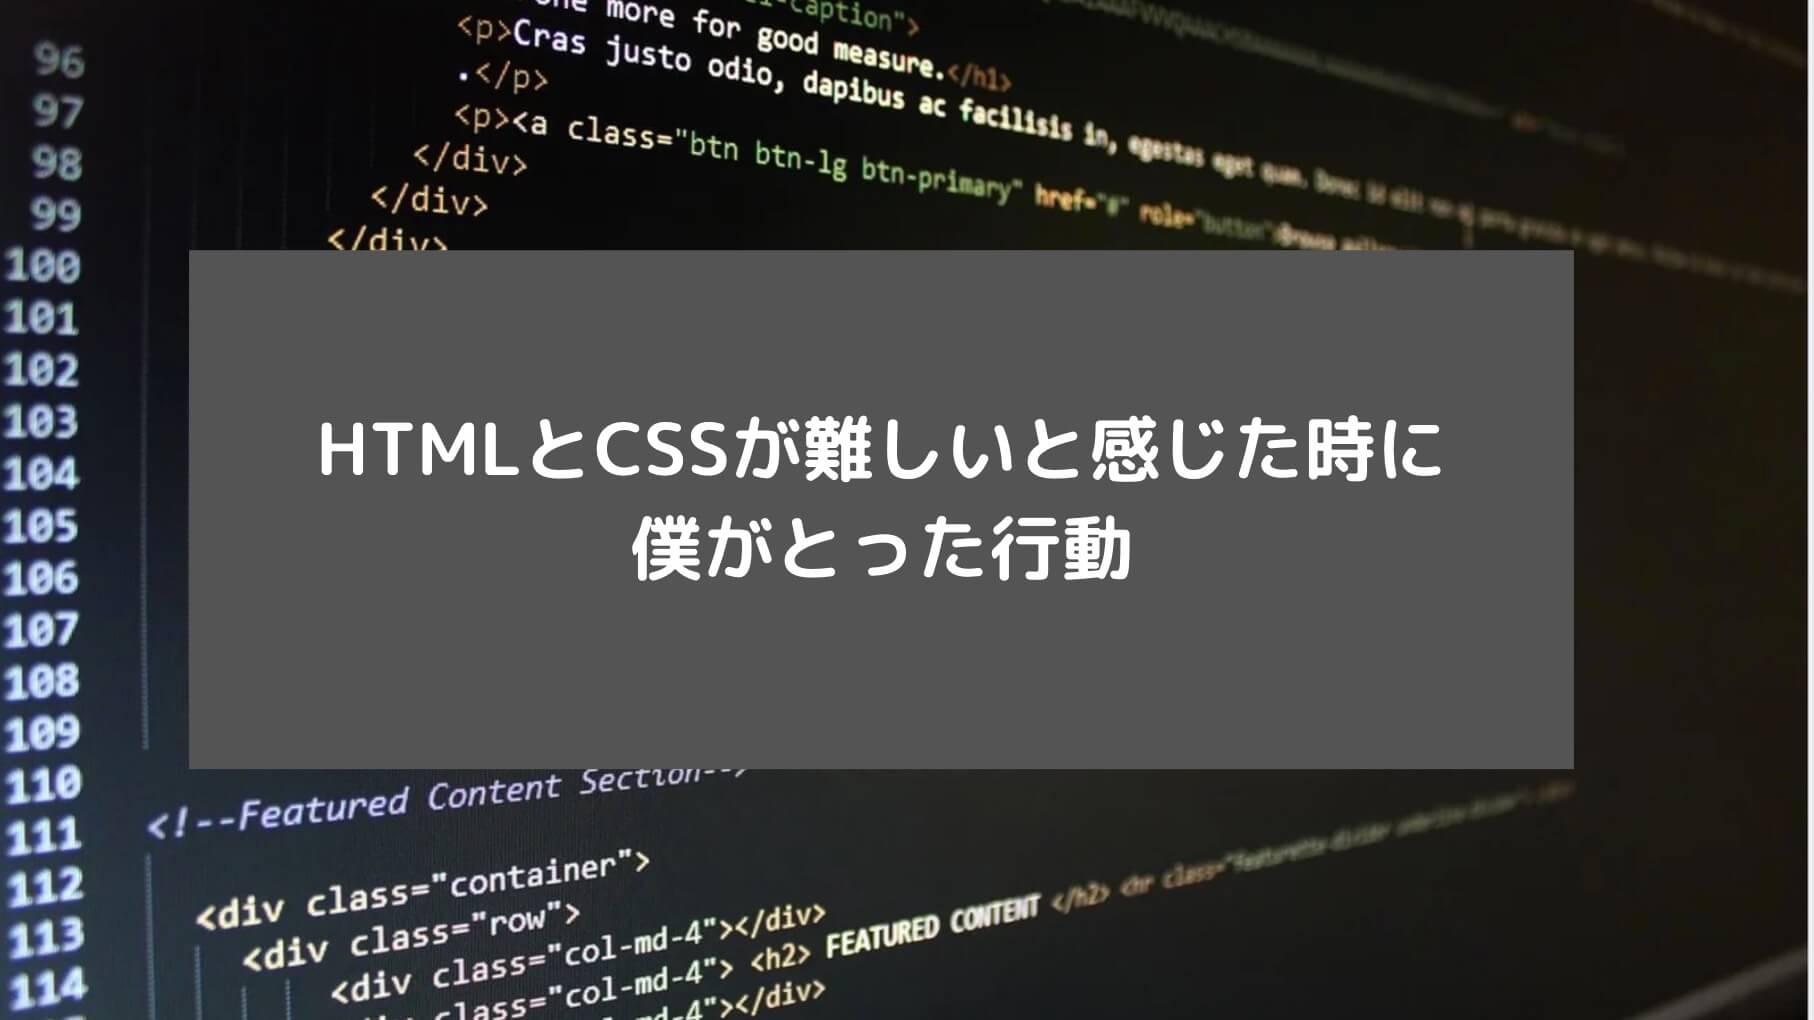 HTMLとCSSが難しいと感じた時に僕がとった行動と書かれた画像